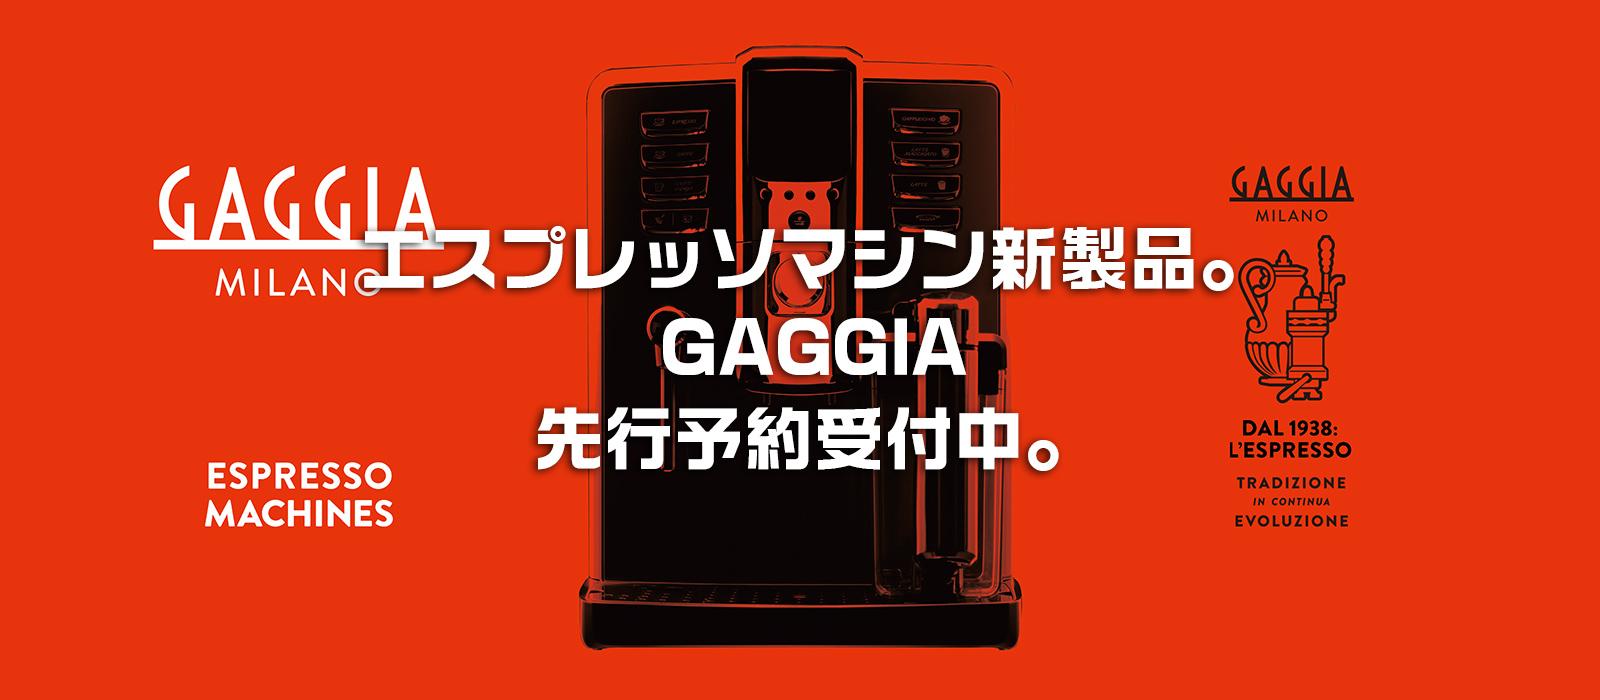 エスプレッソマシン新製品。GAGGA先行予約受付中。